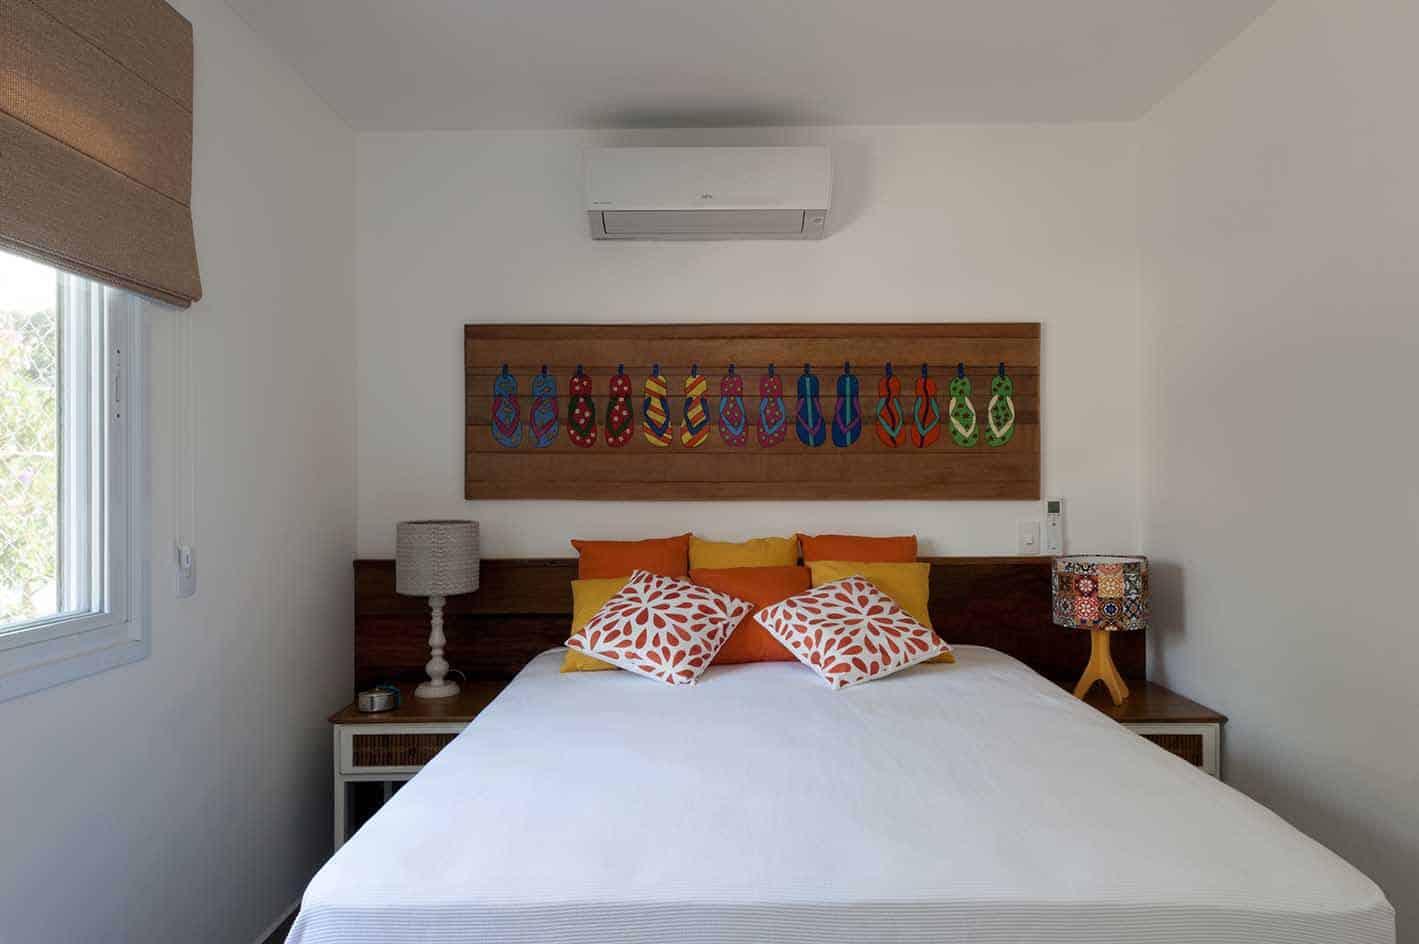 unnamed 2 - Casas de praia: confira as dicas para decorar